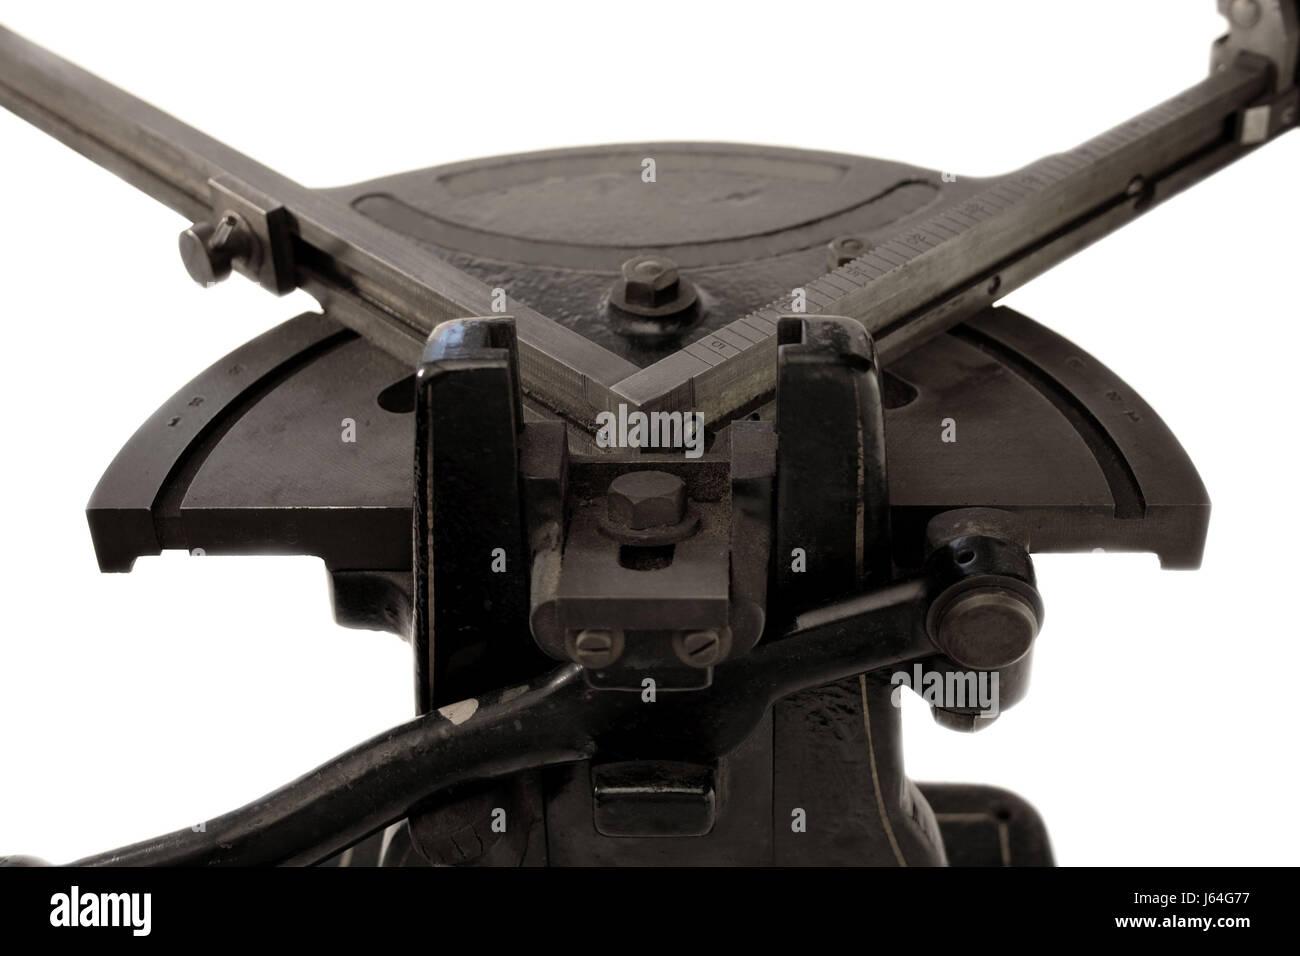 tool industrial corner equipment precision miter measuring machine antique Stock Photo